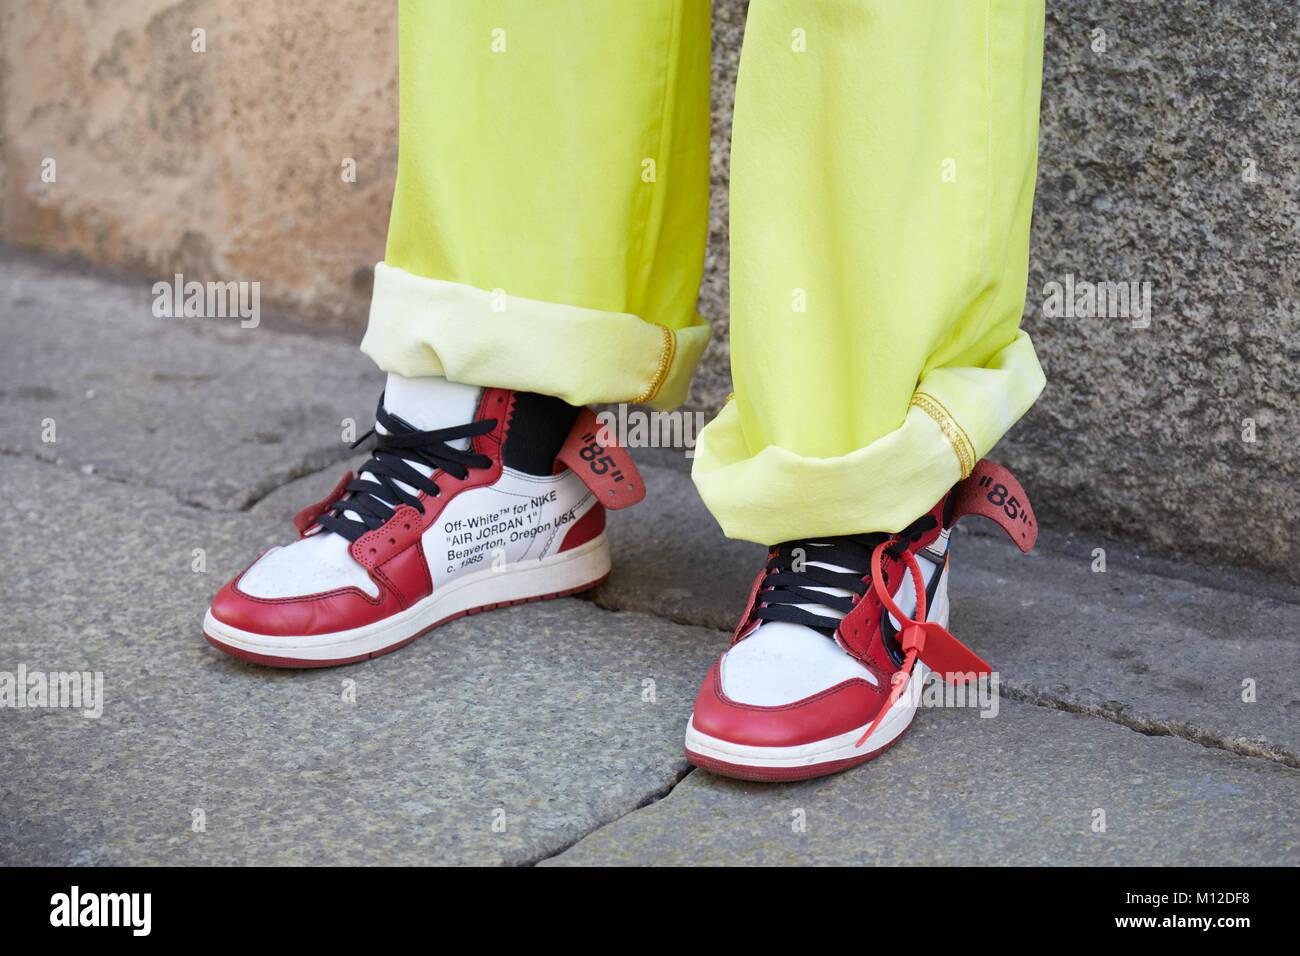 c8e2745f45 Milano - 14 gennaio: l uomo con il bianco e il rosso Nike Air Jordan  sneakers e jeans giallo prima di MSGM fashion show, la Settimana della Moda  Milanese ...